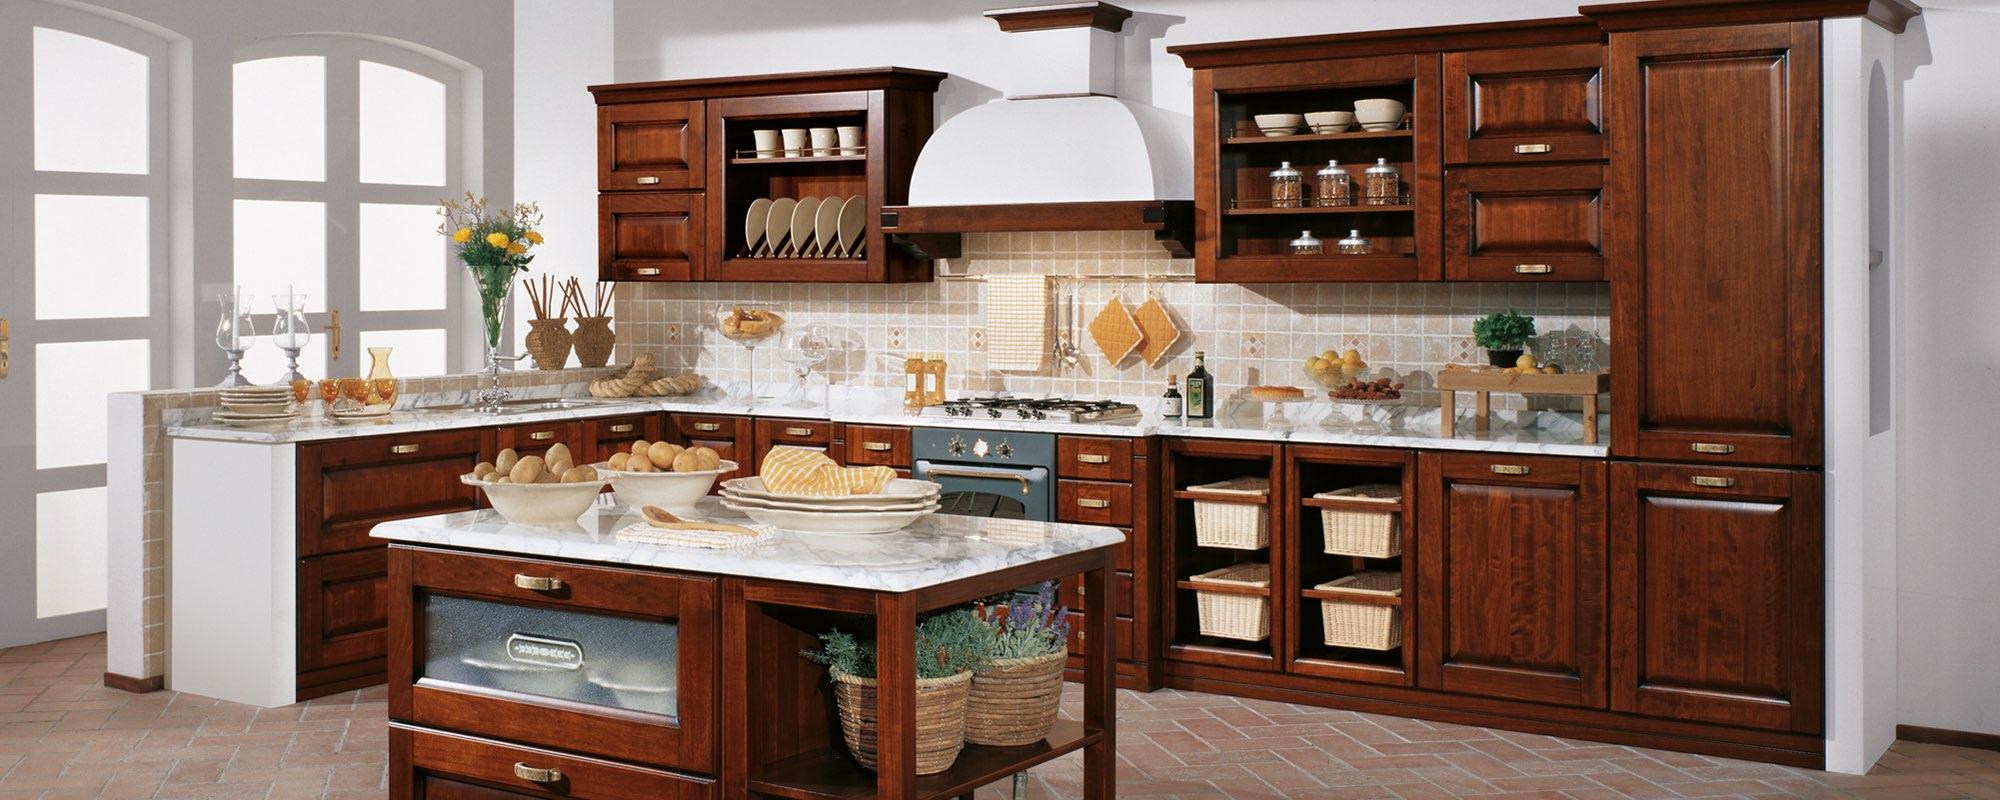 cucina classica componibili stosa con tavolo apparecchiati-Malaga